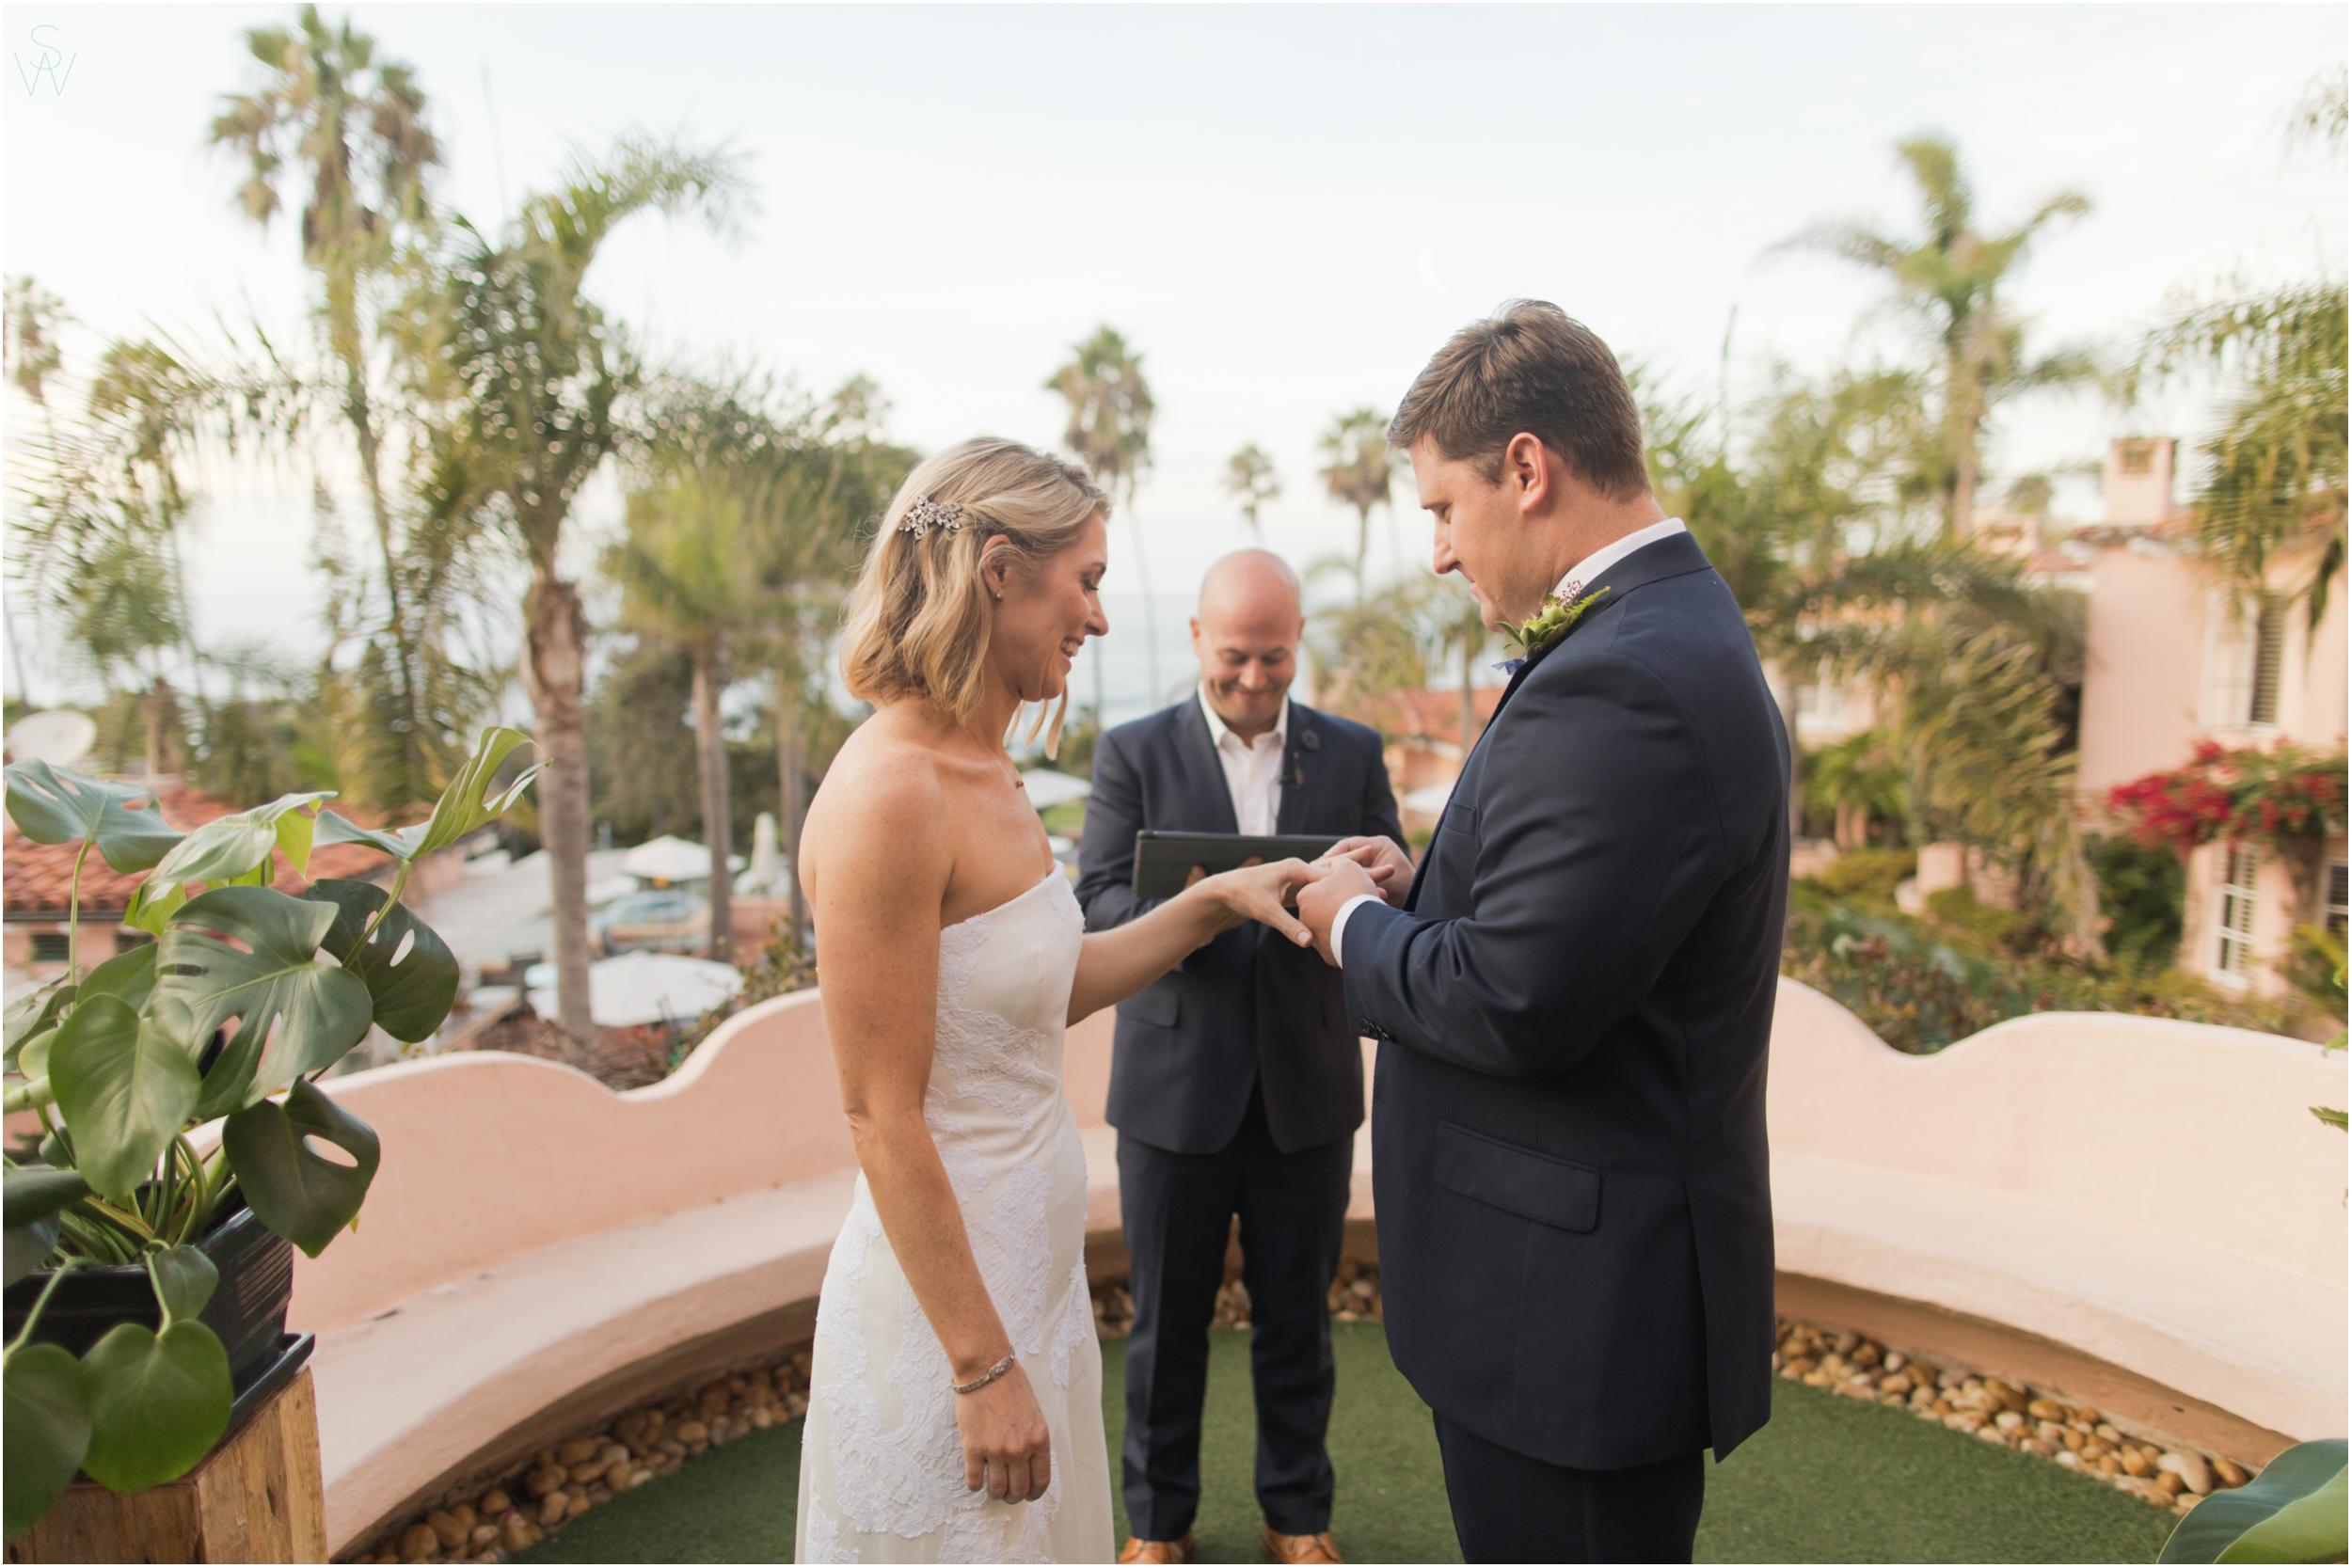 Colleen.Kyle20190122Shewanders.granddelmar.wedding 0478.jpg